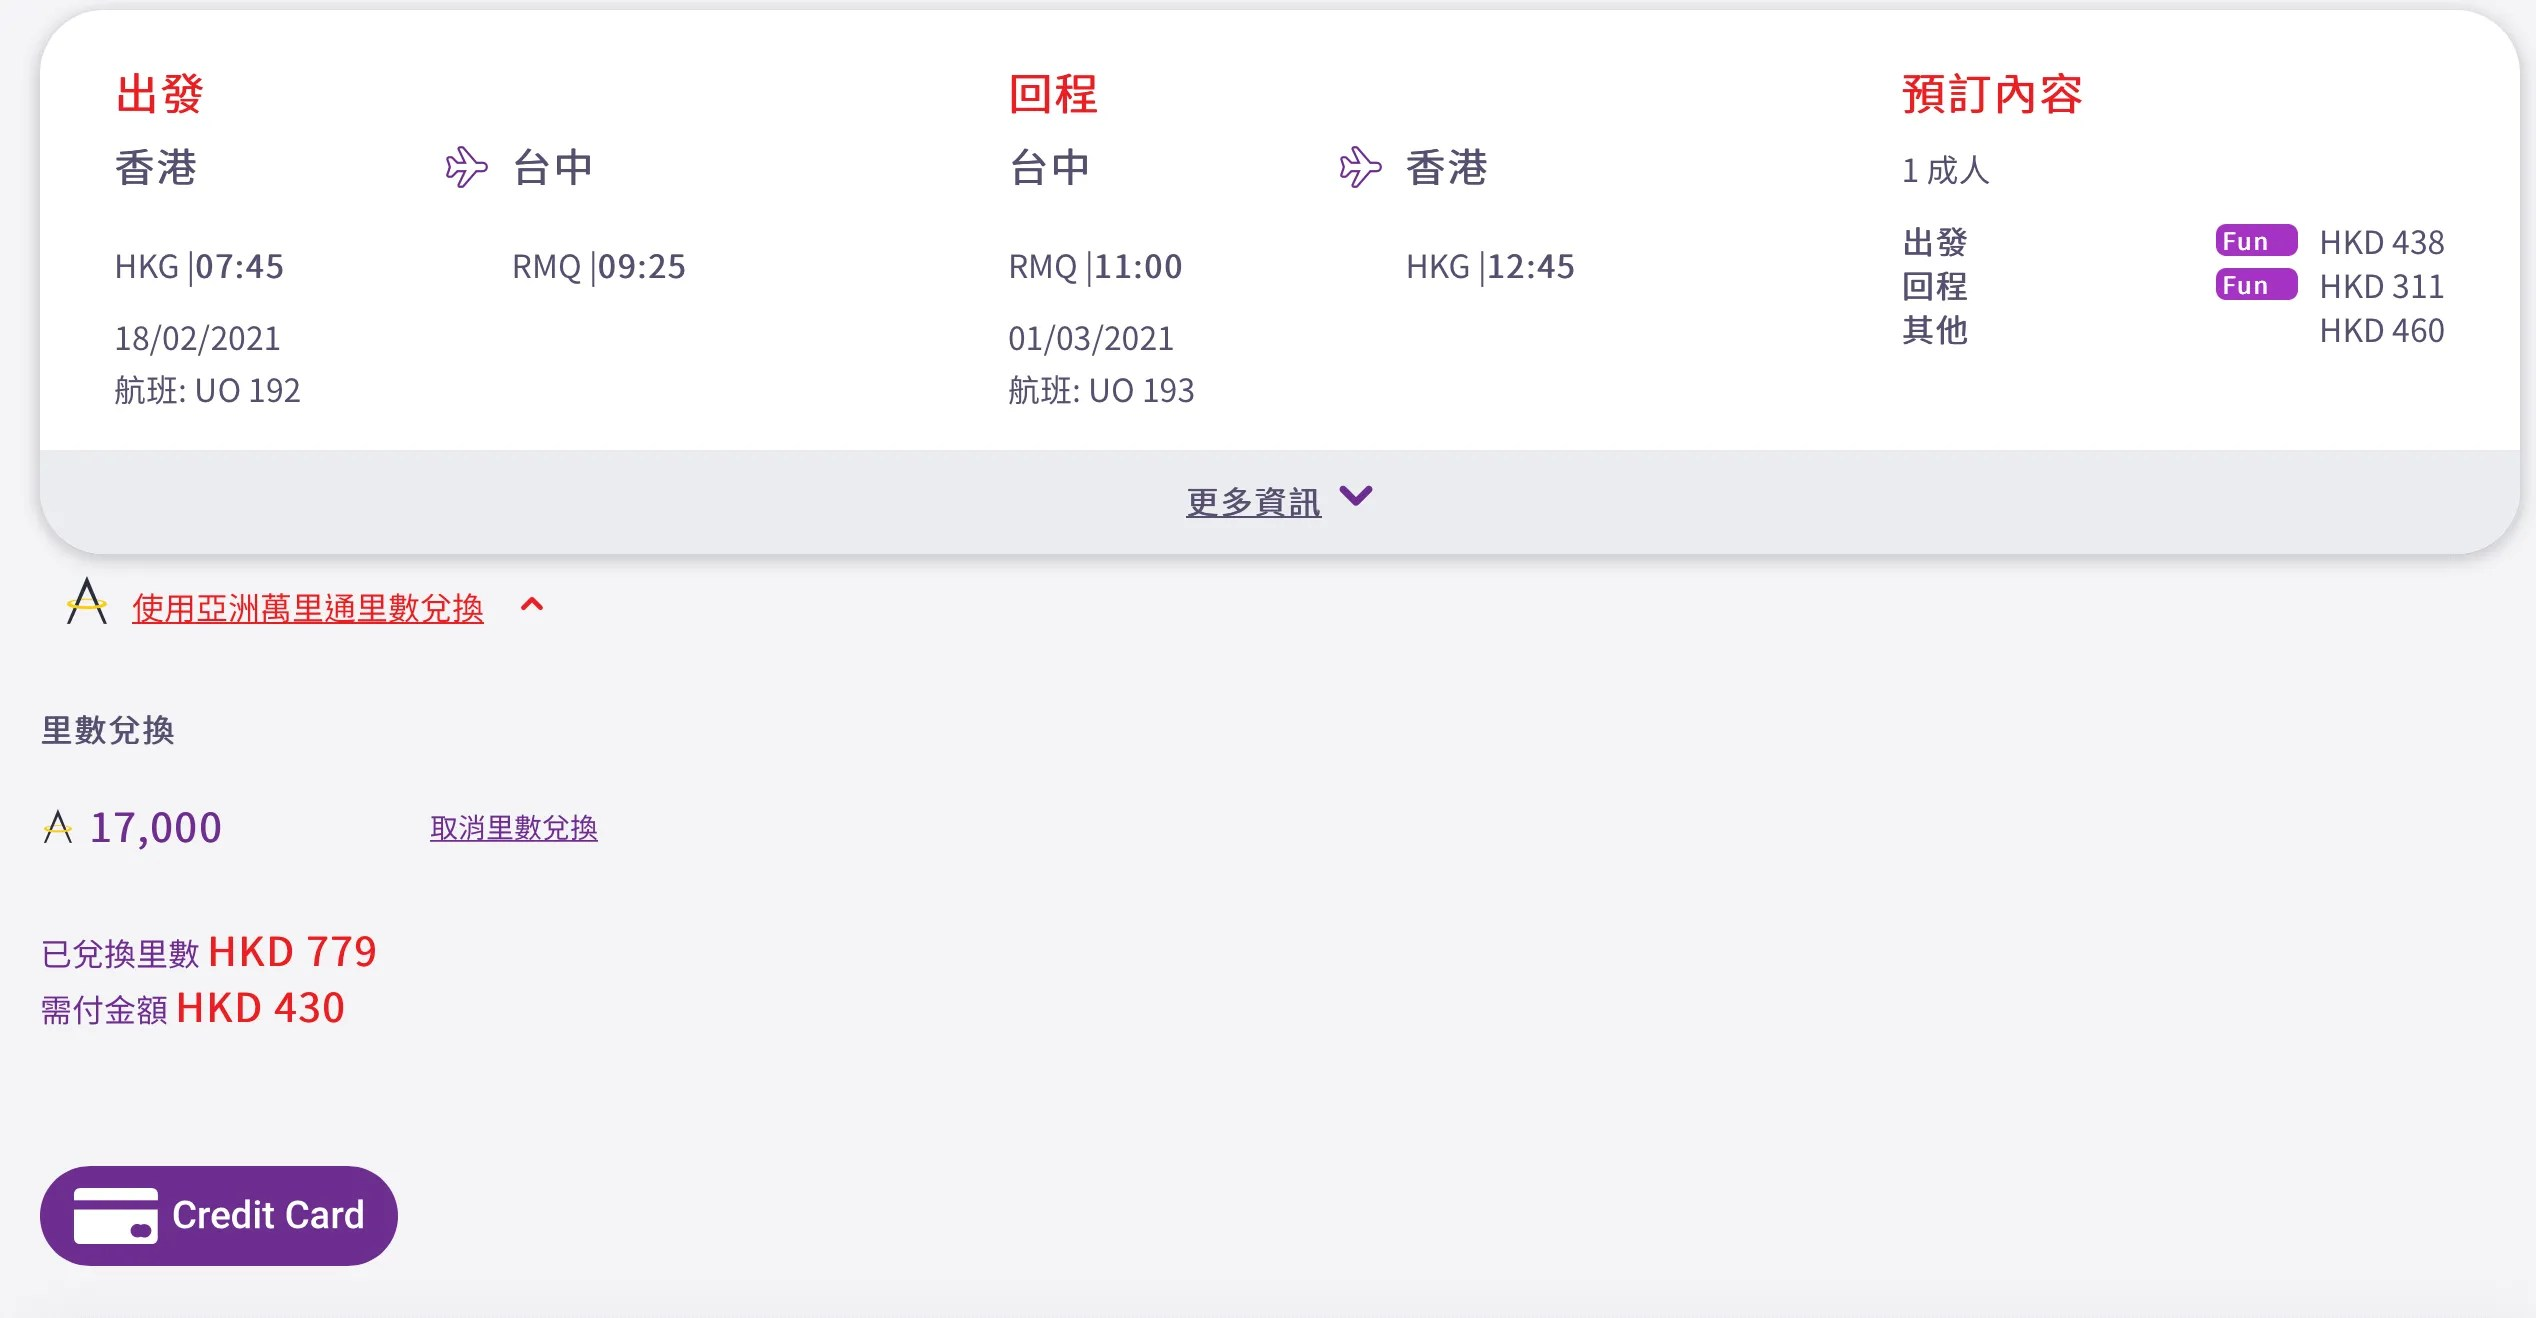 【臺灣】亞洲萬里通   Asia Miles 換臺灣機票教學篇   FlyAsia